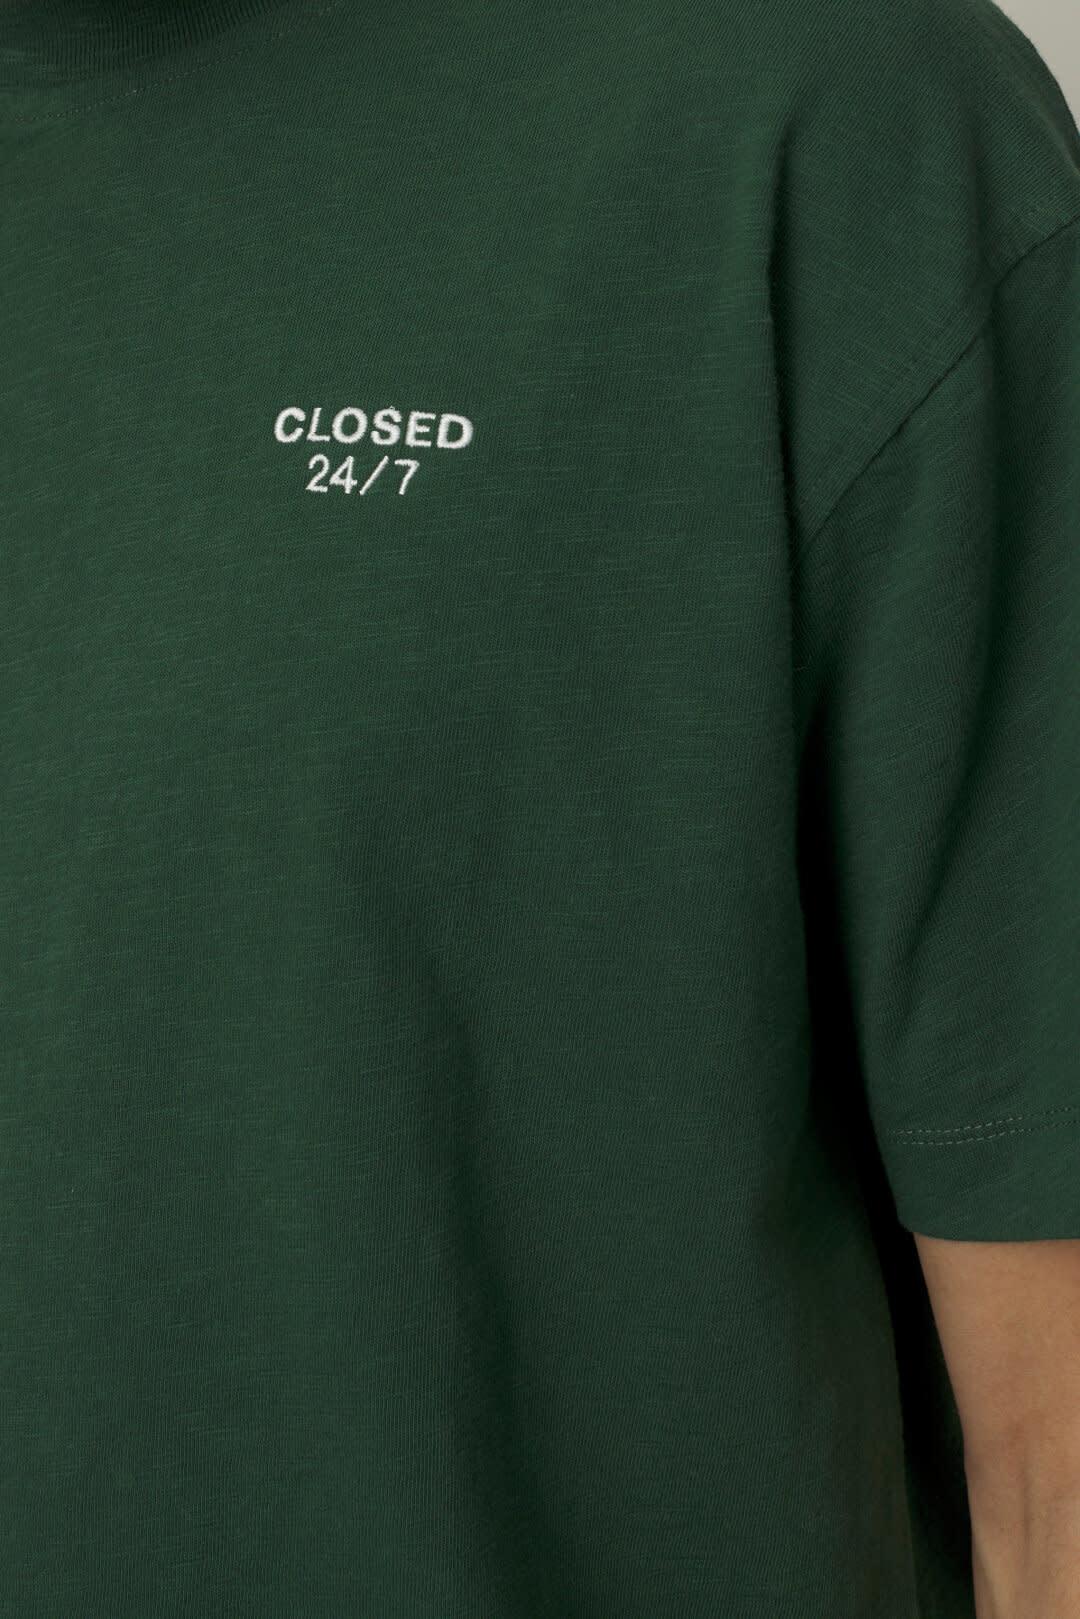 t shirt fir green-4